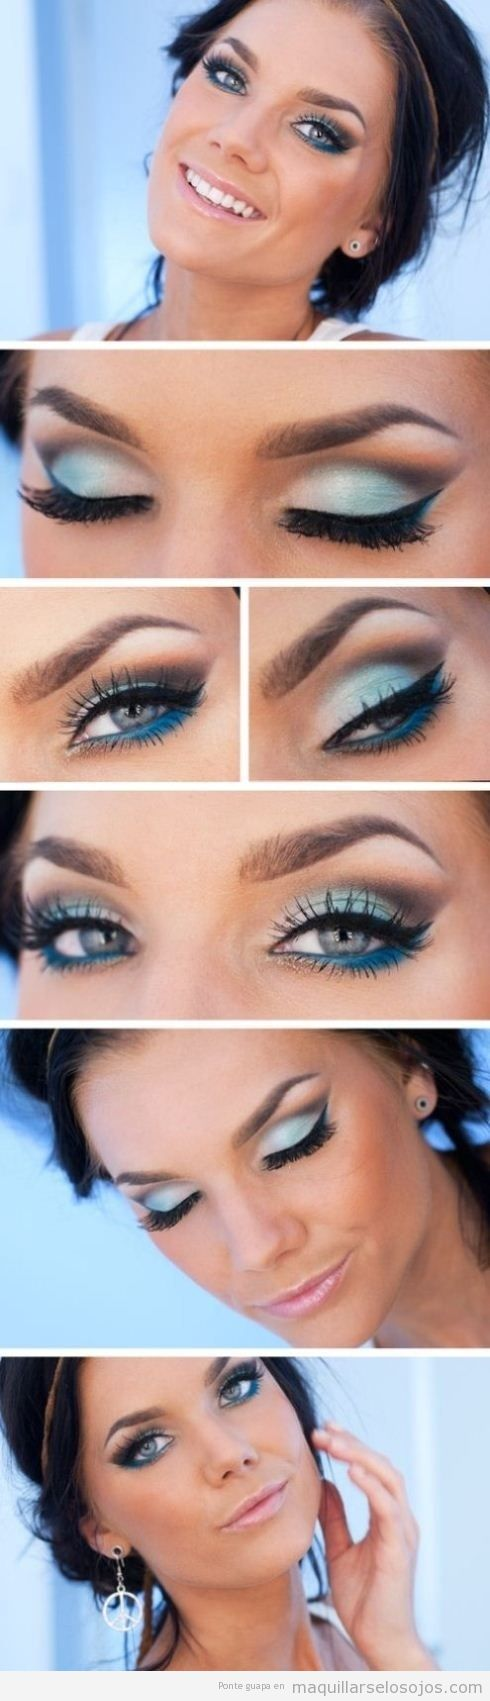 Maquillaje de ojos en tonos azules para ojos azules y ojos verdes